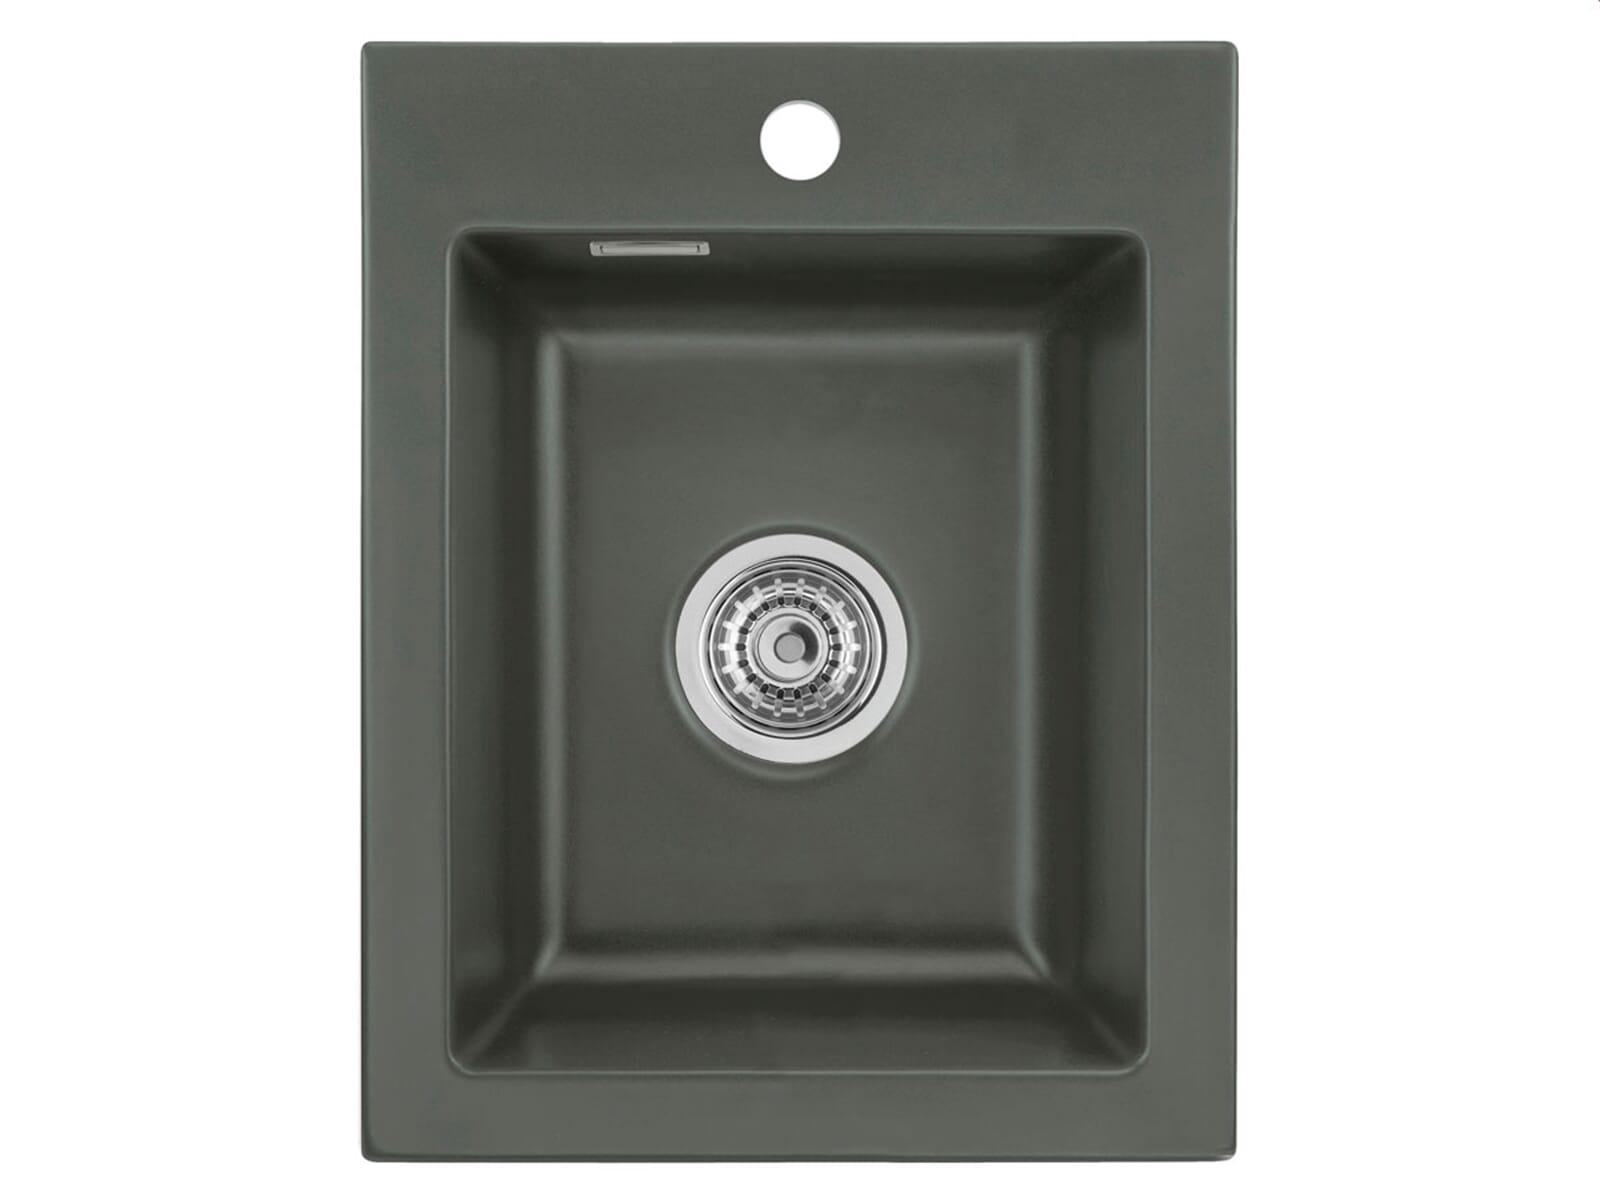 Systemceram Mera 39 Lava Keramikspüle Handbetätigung inkl. Hahnloch